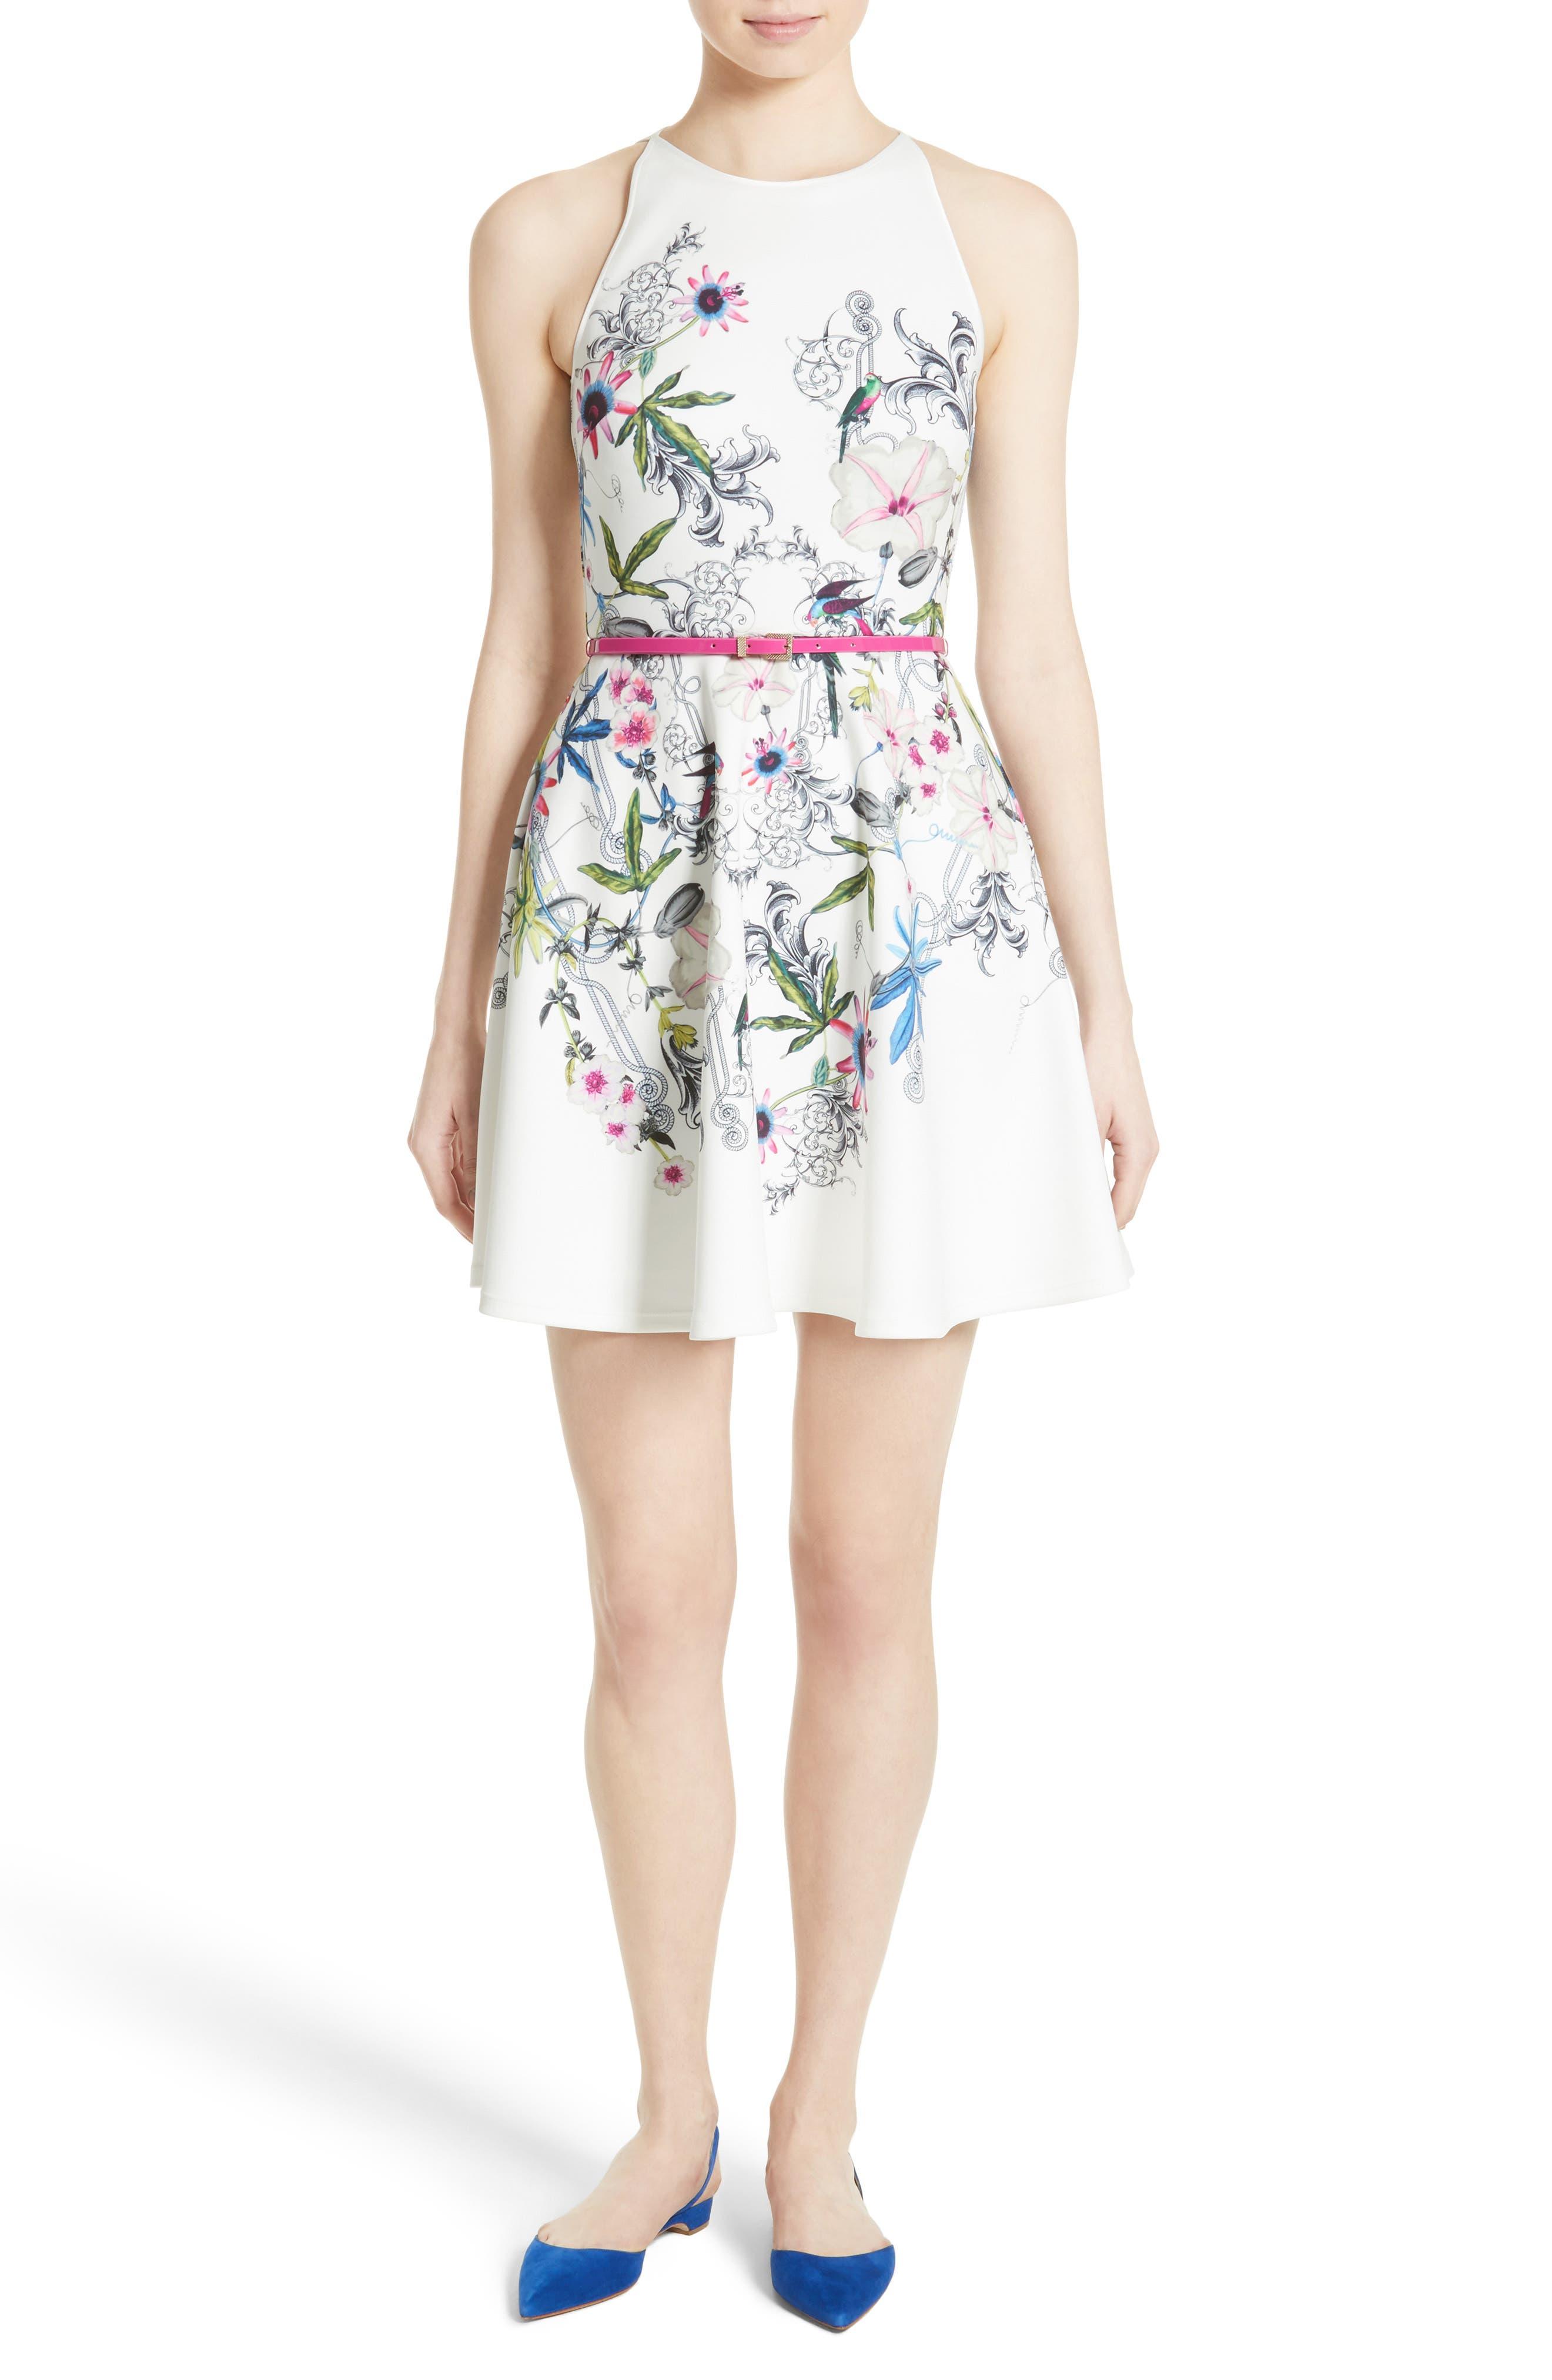 Main Image - Ted Baker London Samm Floral Fit & Flare Dress